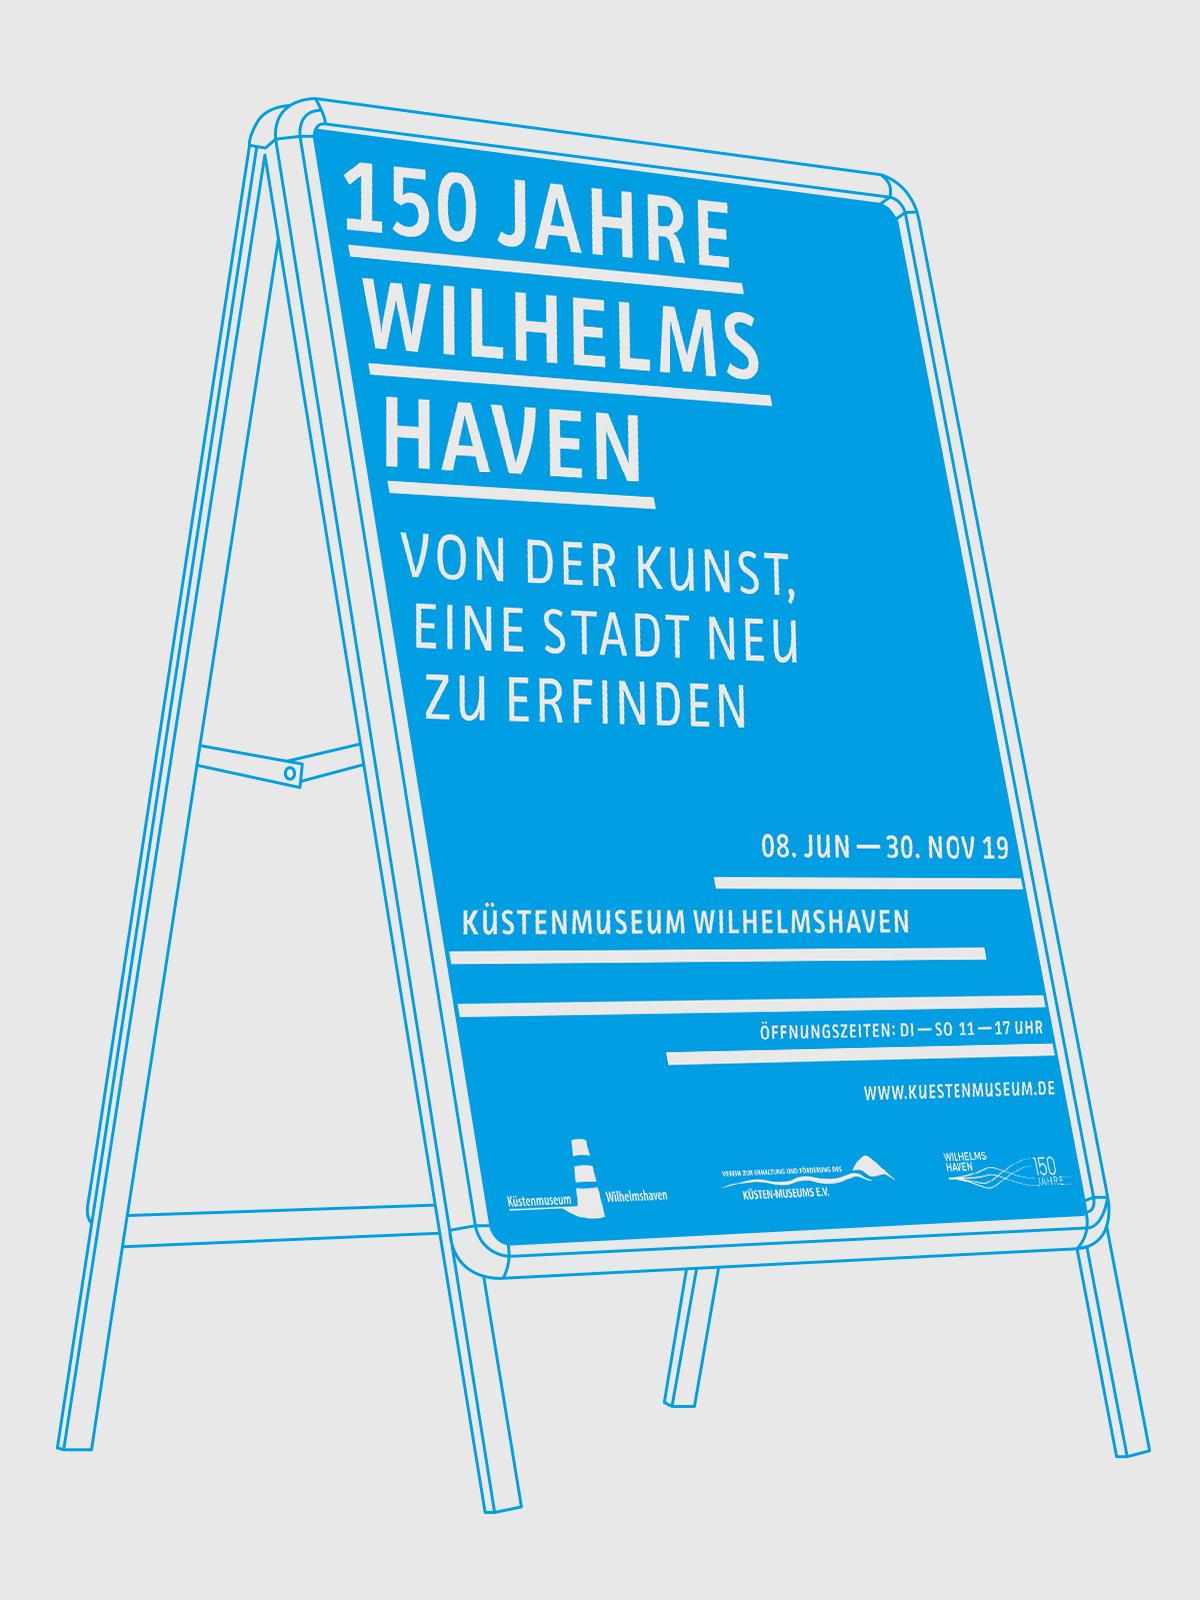 Küstenmuseum Wilhelmshaven Sonderausstellung 150 Jahre Wilhelmshaven Blaues Ausstellungsplakat mit weißer Schrift skizzierter Plakataufsteller blaue Linien auf hellgrauem Grund